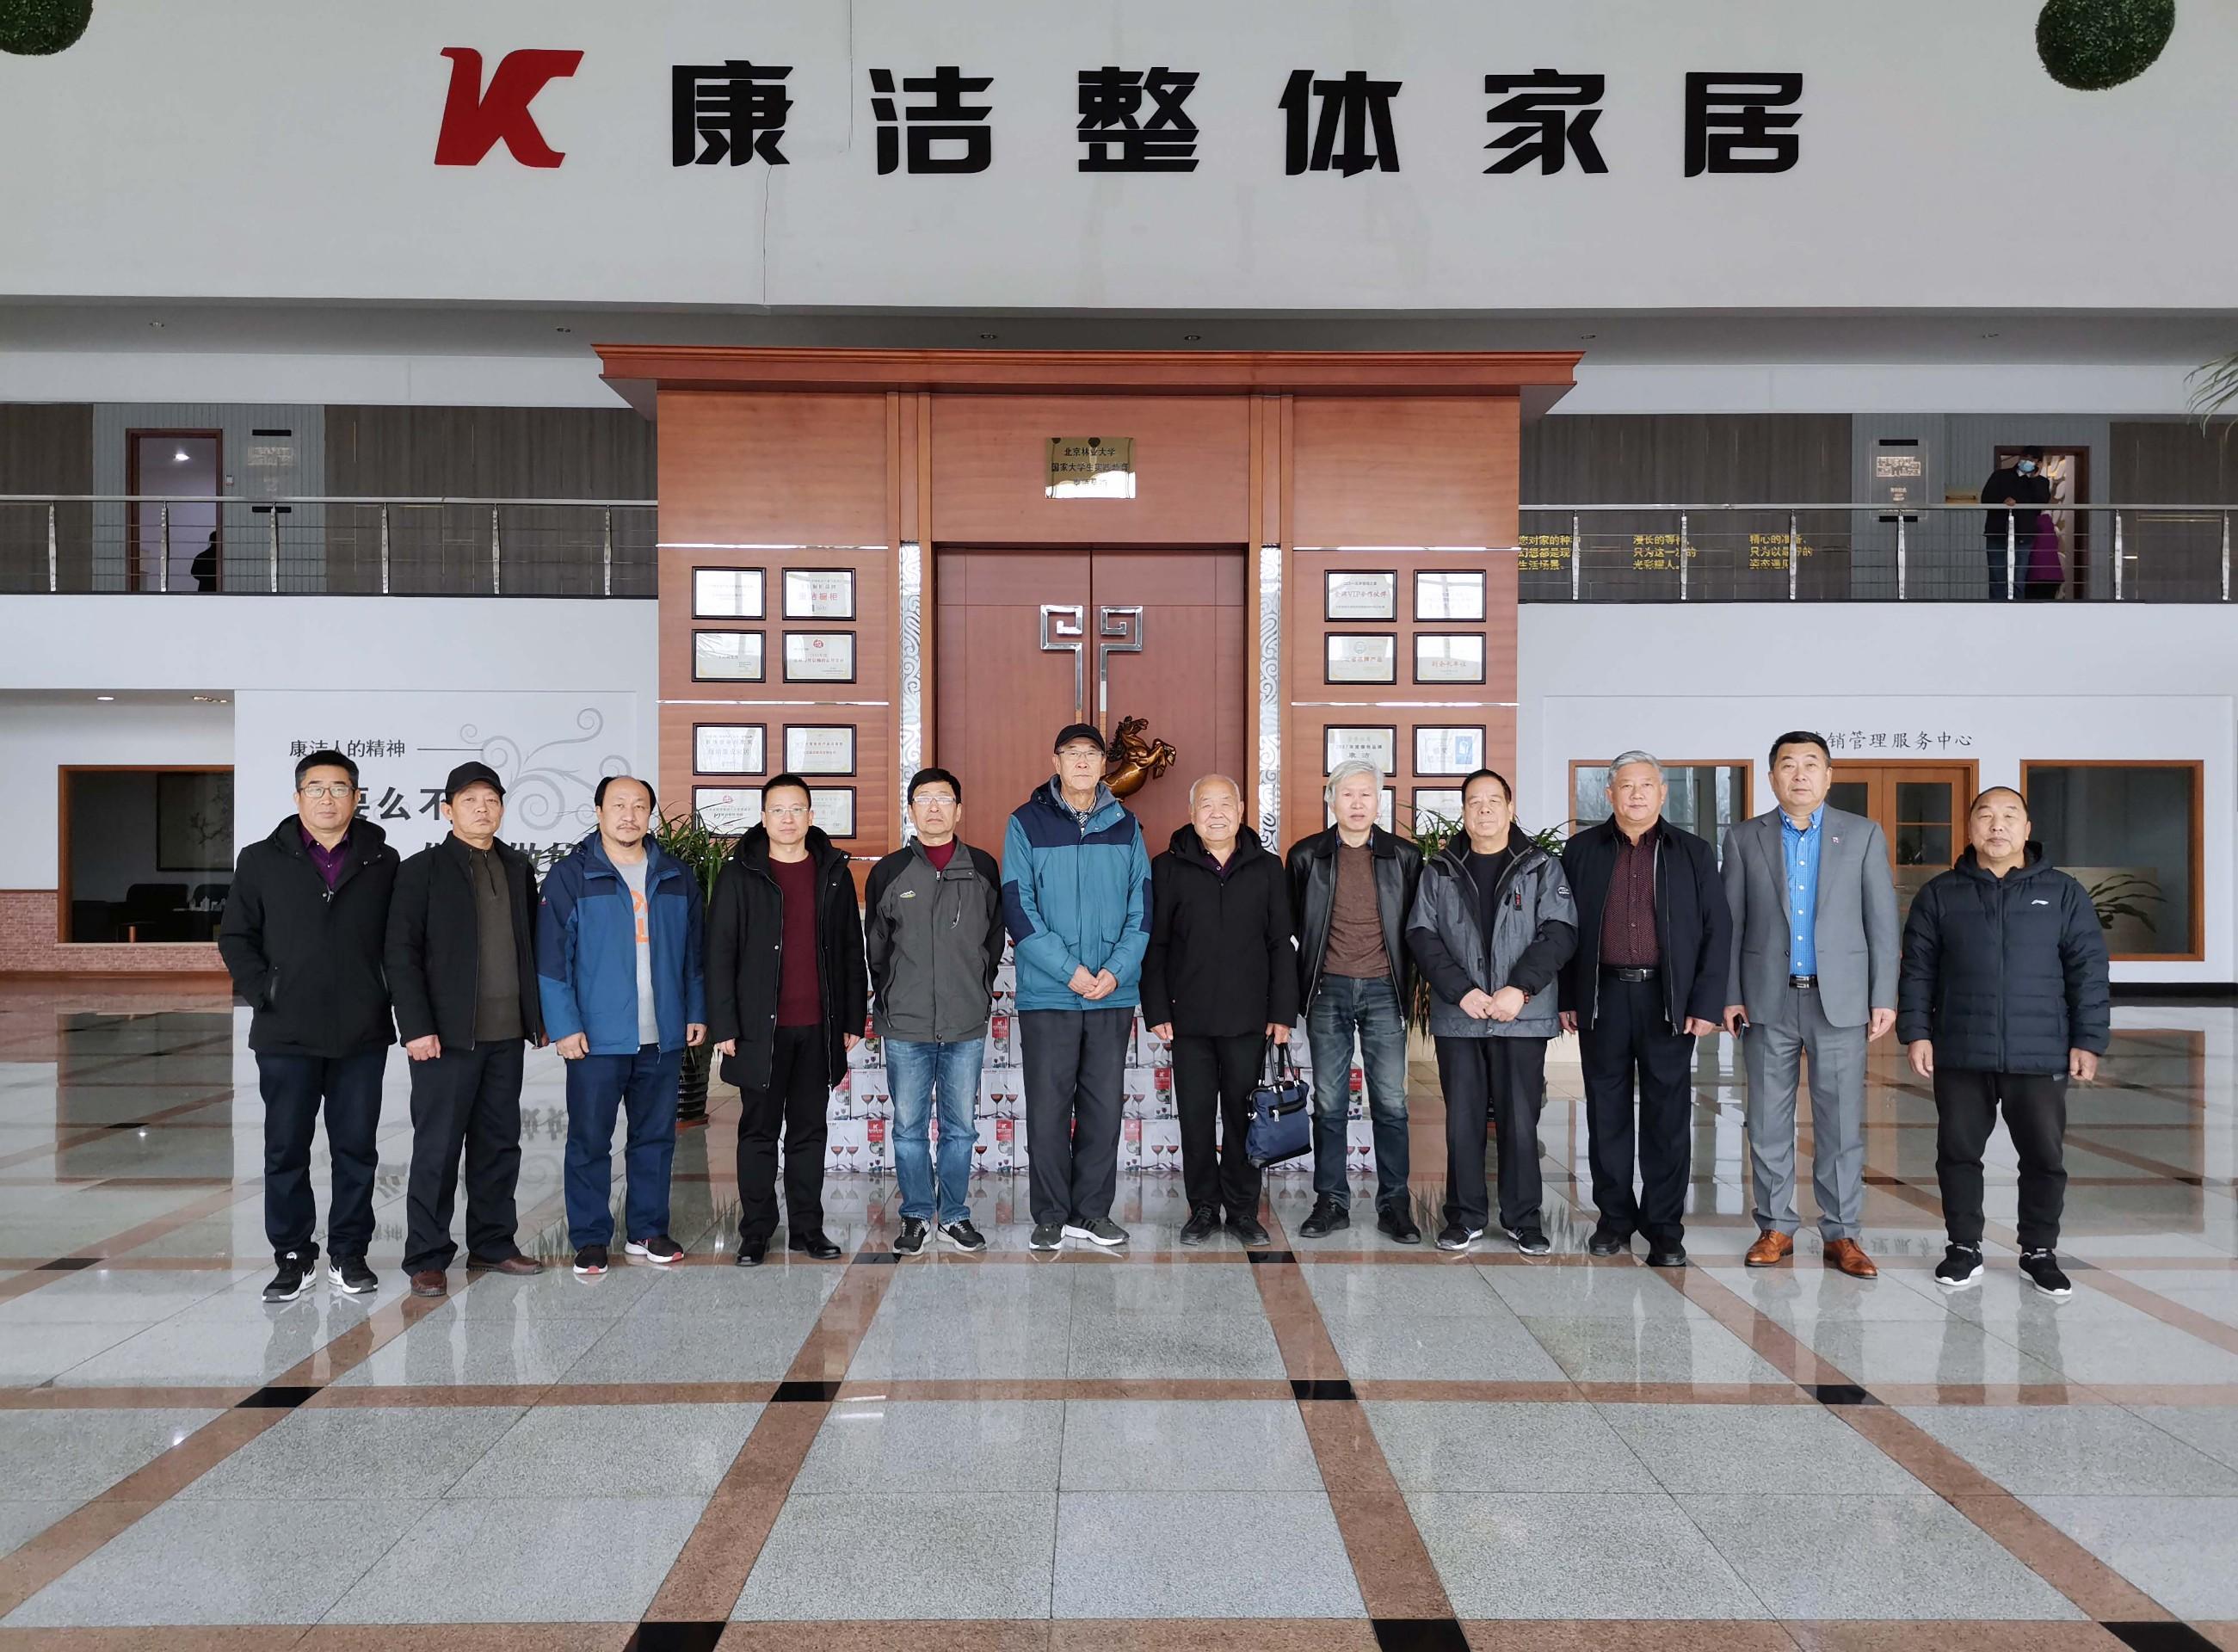 12月1日,康洁书画院全体成员相聚康洁生态产业园!